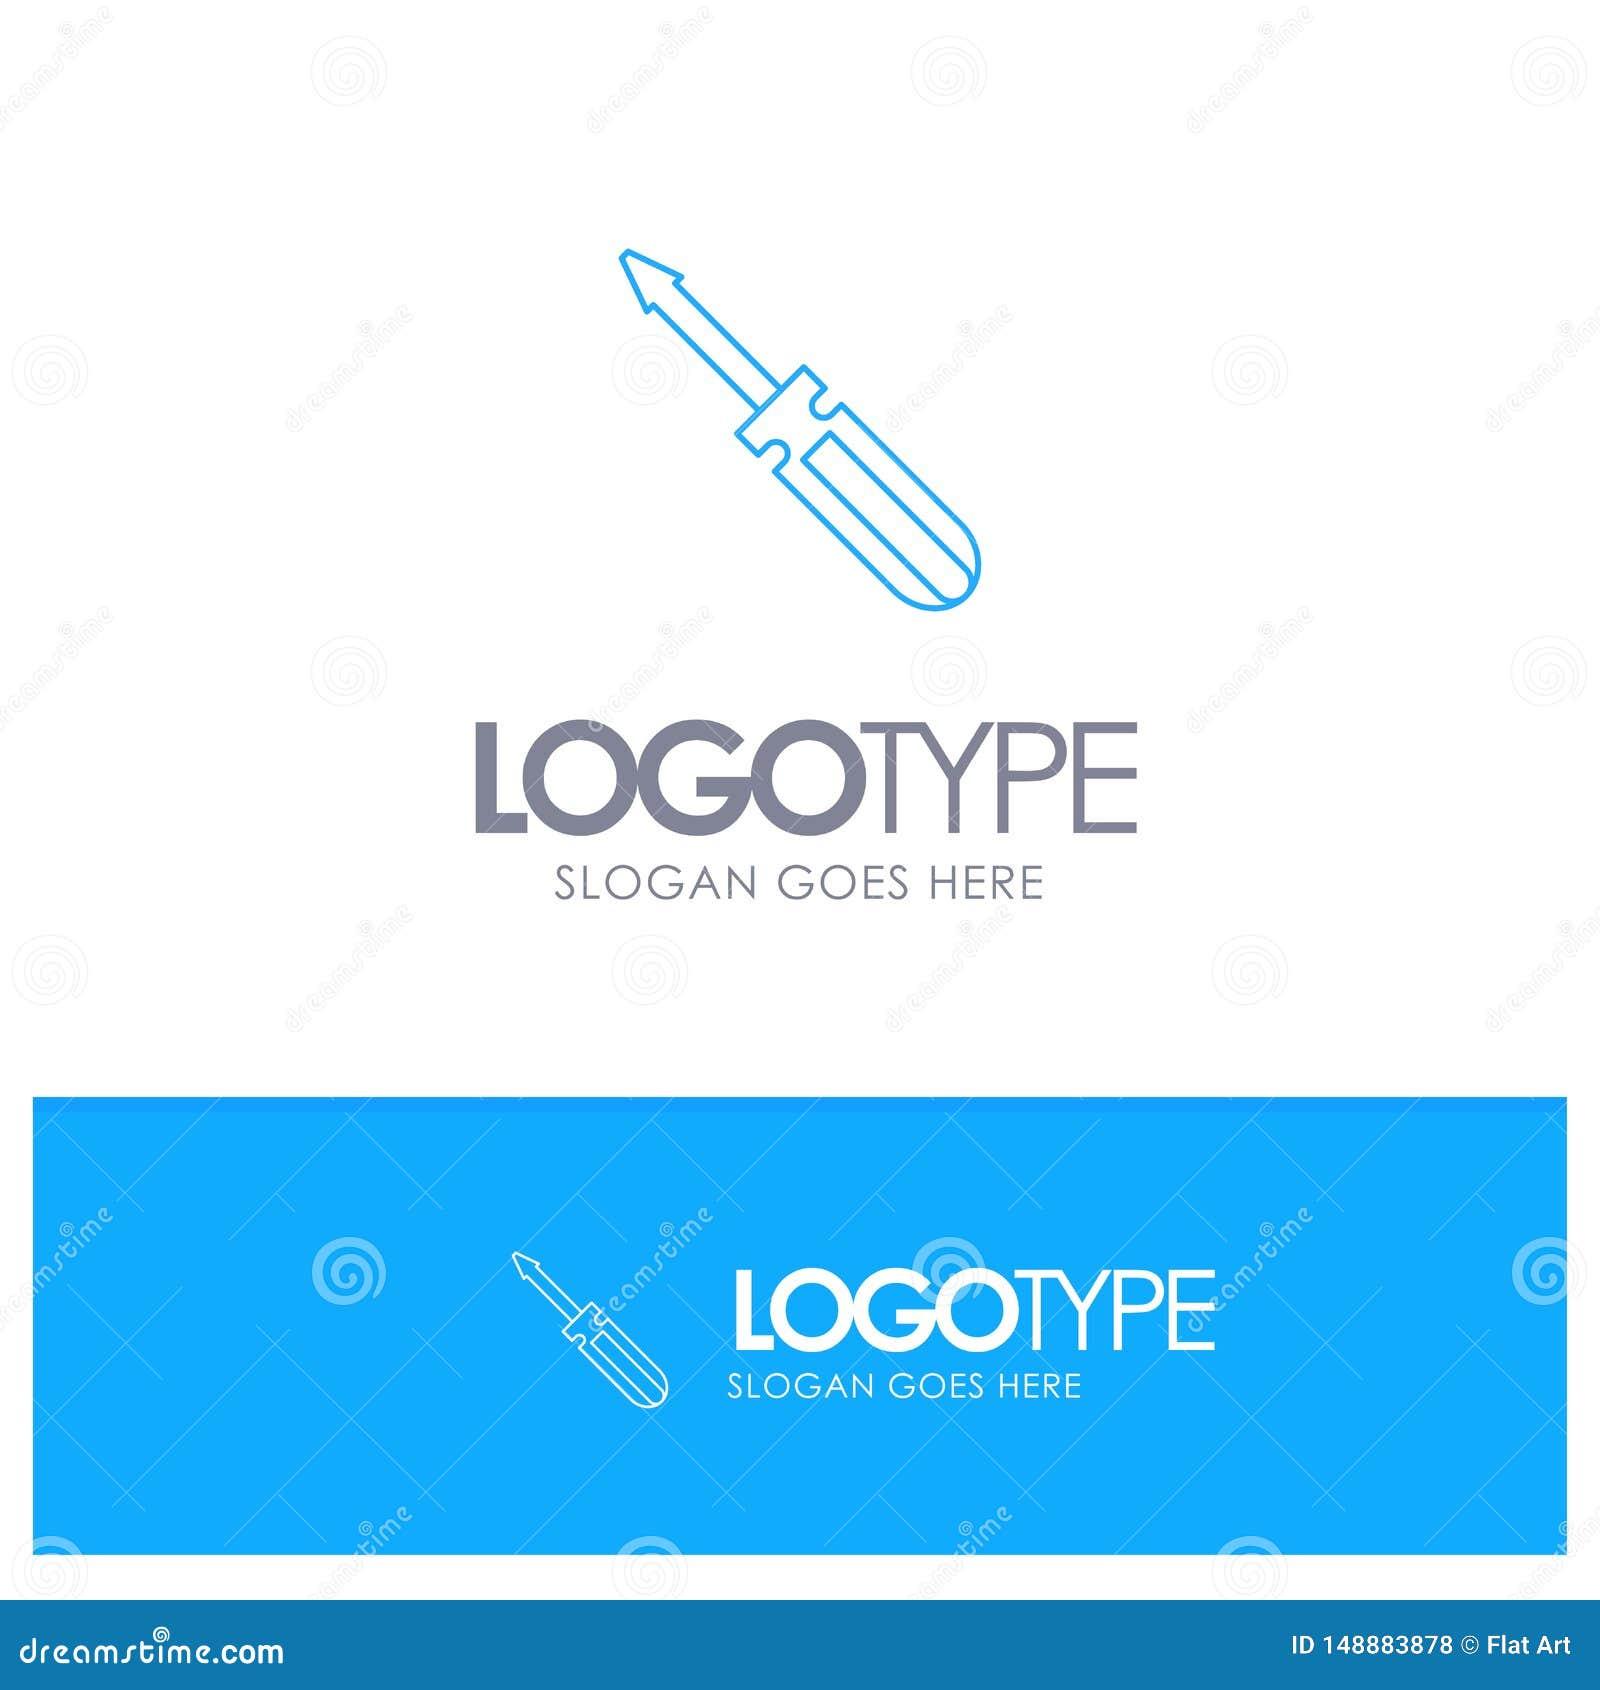 Βίδα, οδηγός, εργαλείο, επισκευή, μπλε λογότυπο περιλήψεων εργαλείων με τη θέση για το tagline